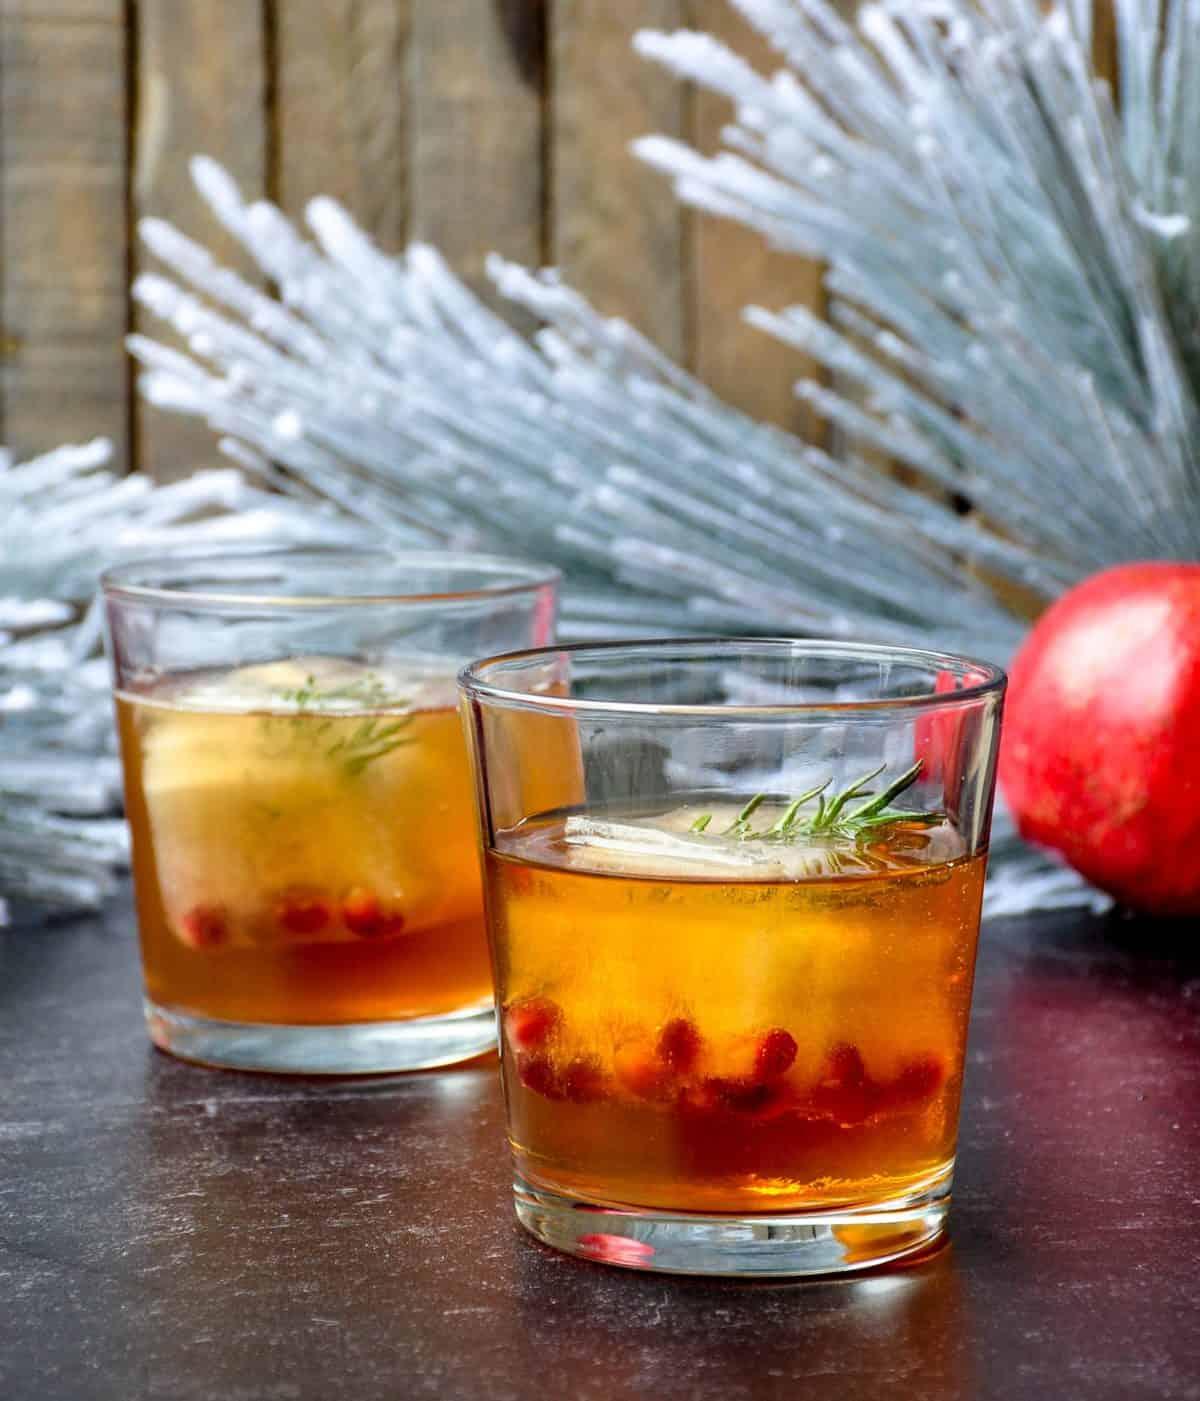 California Citrus Easy Sparkling Wine Cocktail